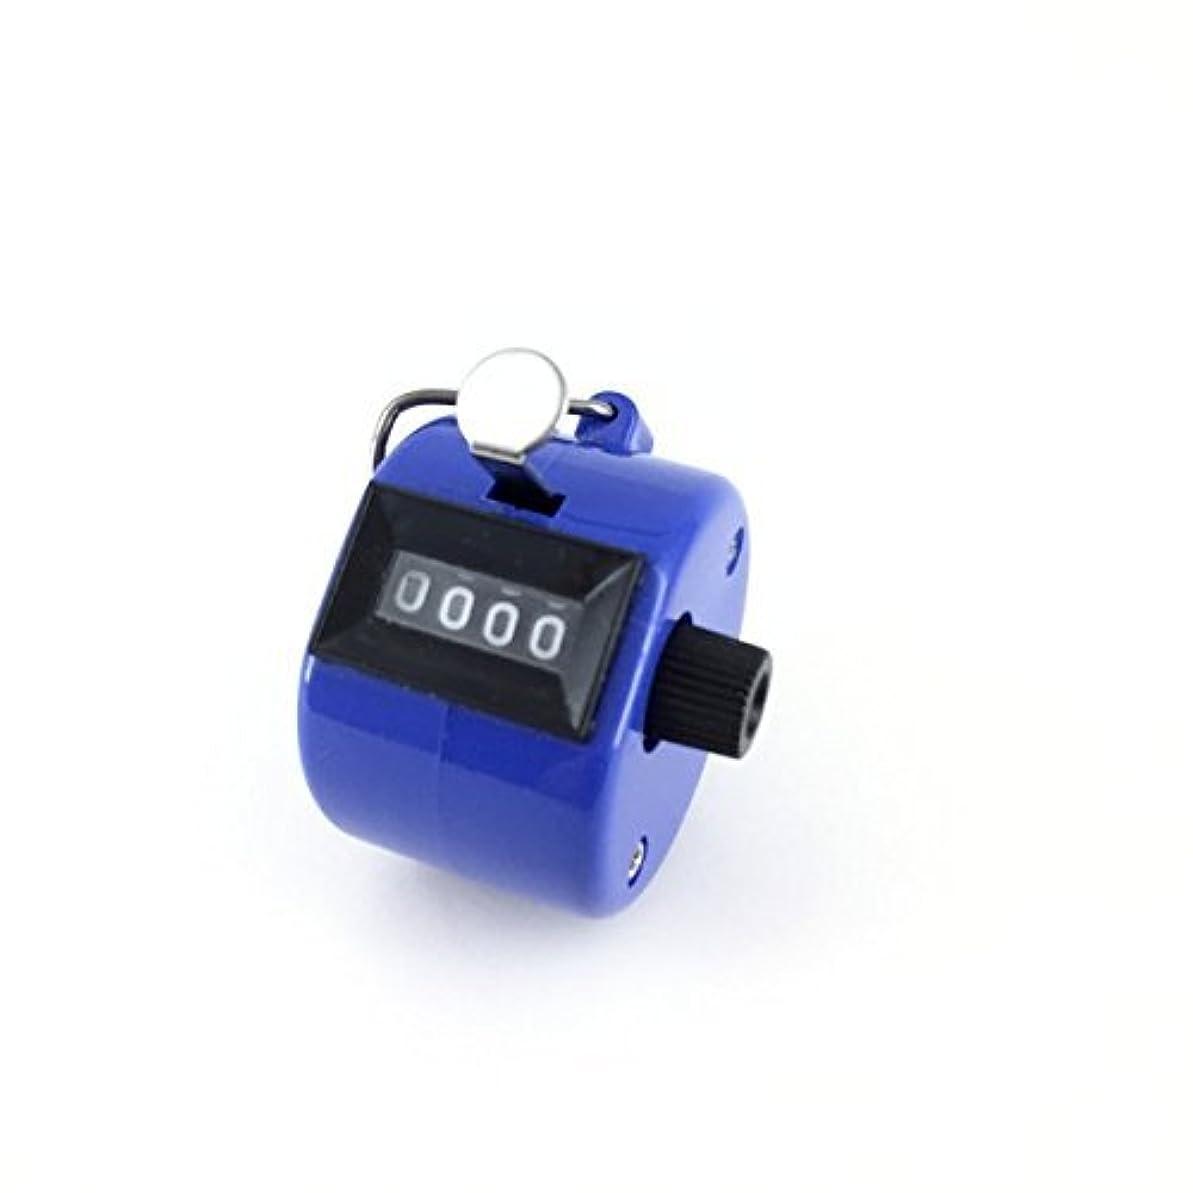 朝の体操をする看板ぴったりエクステカウンター 手持ちホルダー付き 数取器 まつげエクステ用品 カラー4色 (ブルー)